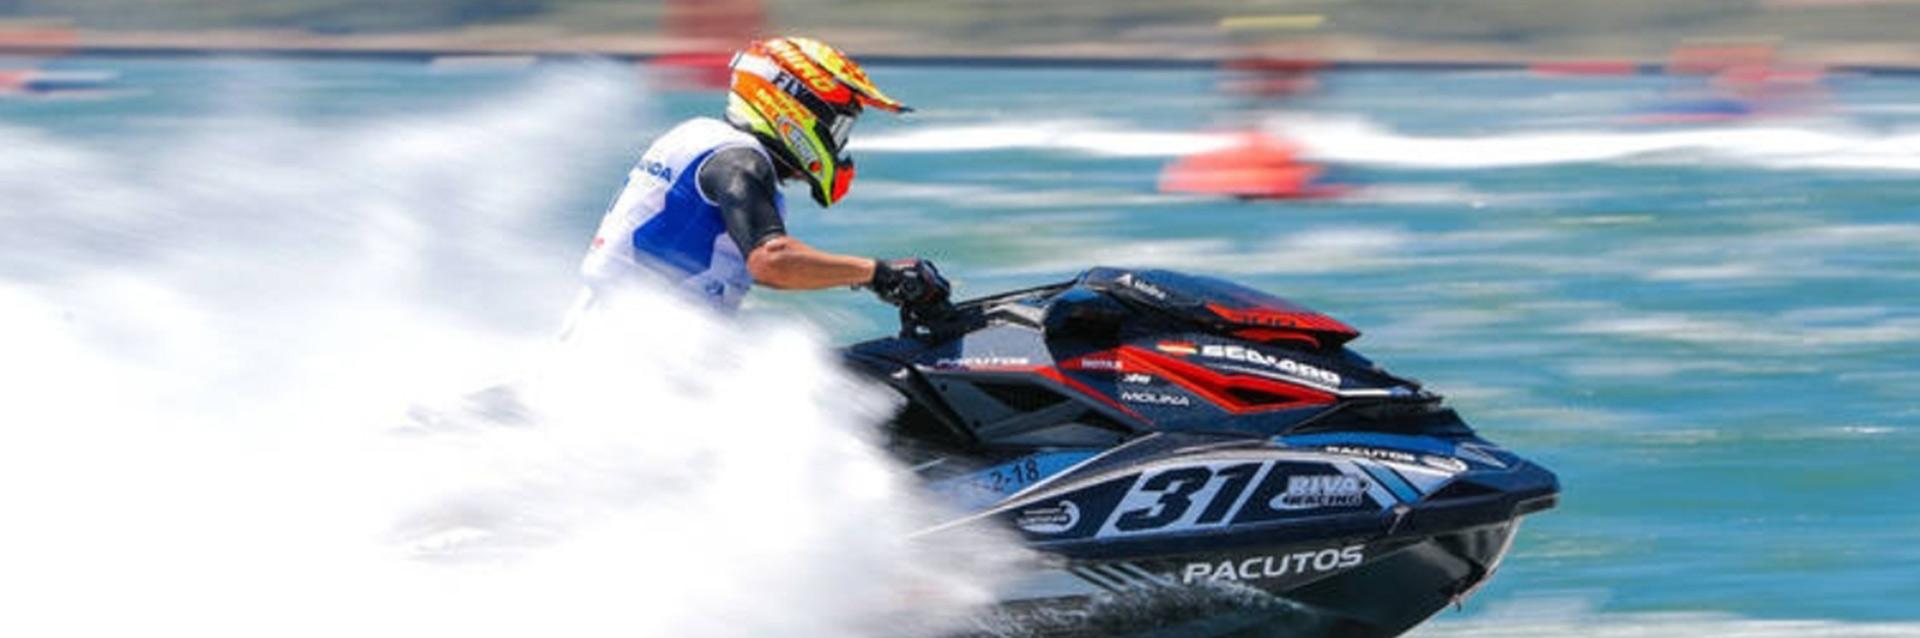 Alejandro Molina - Campéon Multiple de Moto de Agua